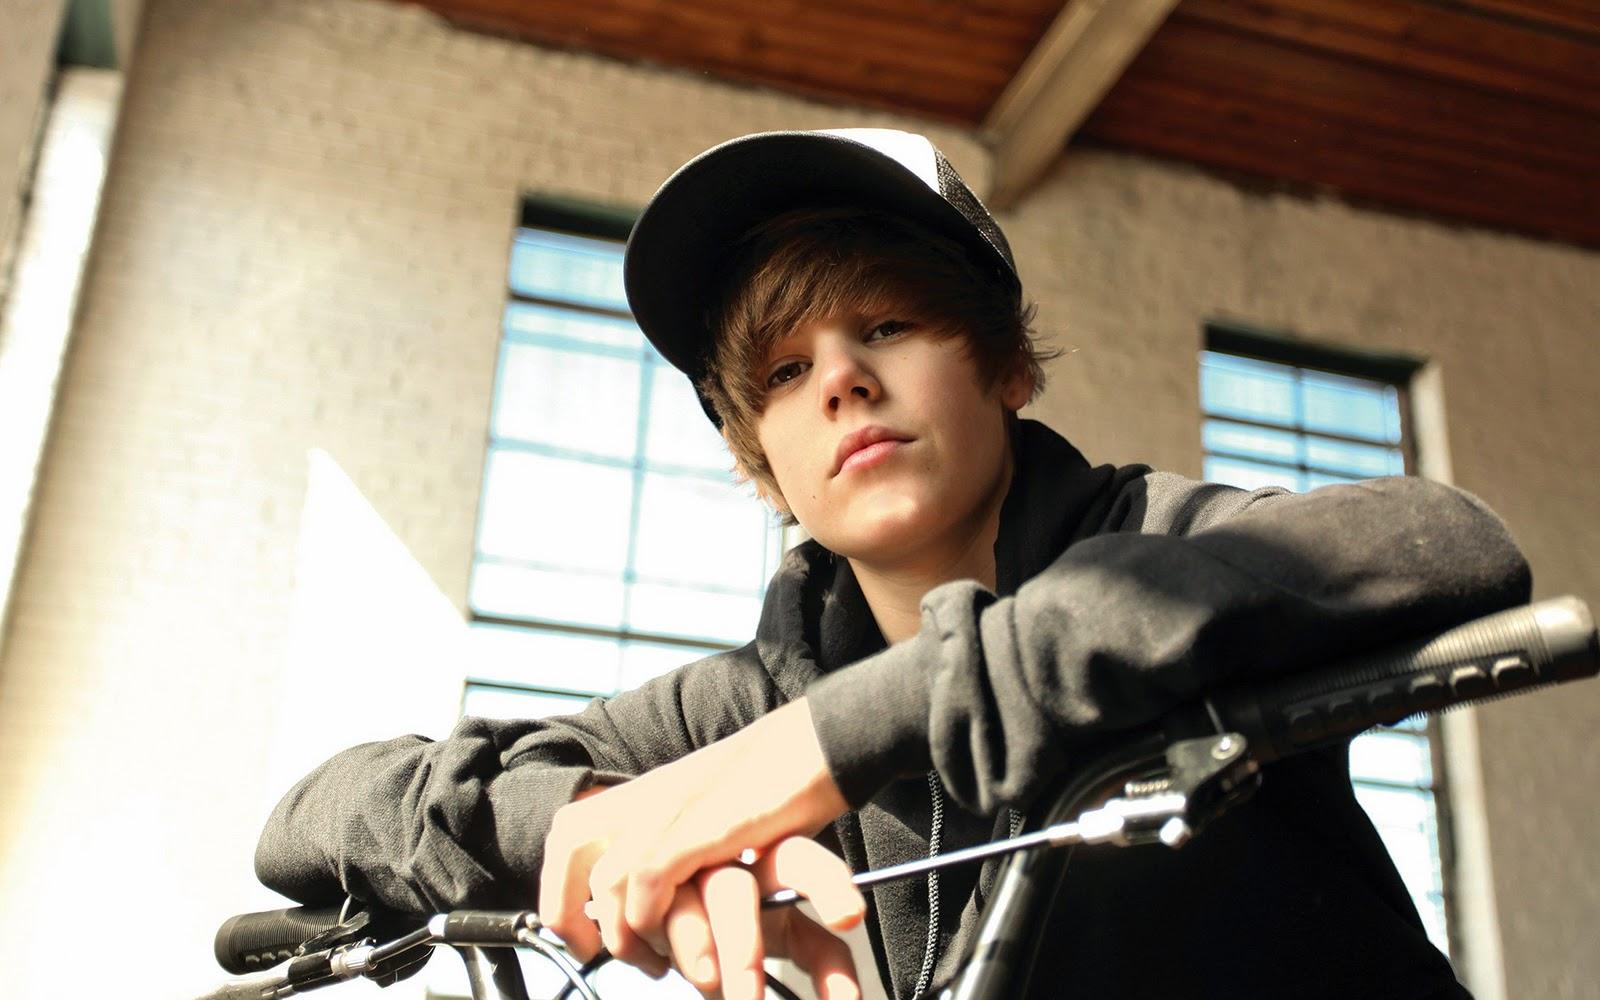 http://1.bp.blogspot.com/-XdYMxqPltKg/TWNqhuAKpeI/AAAAAAAAAa0/mji7Igr4iUQ/s1600/Justin-Bieber-Wallpaper-4.jpg